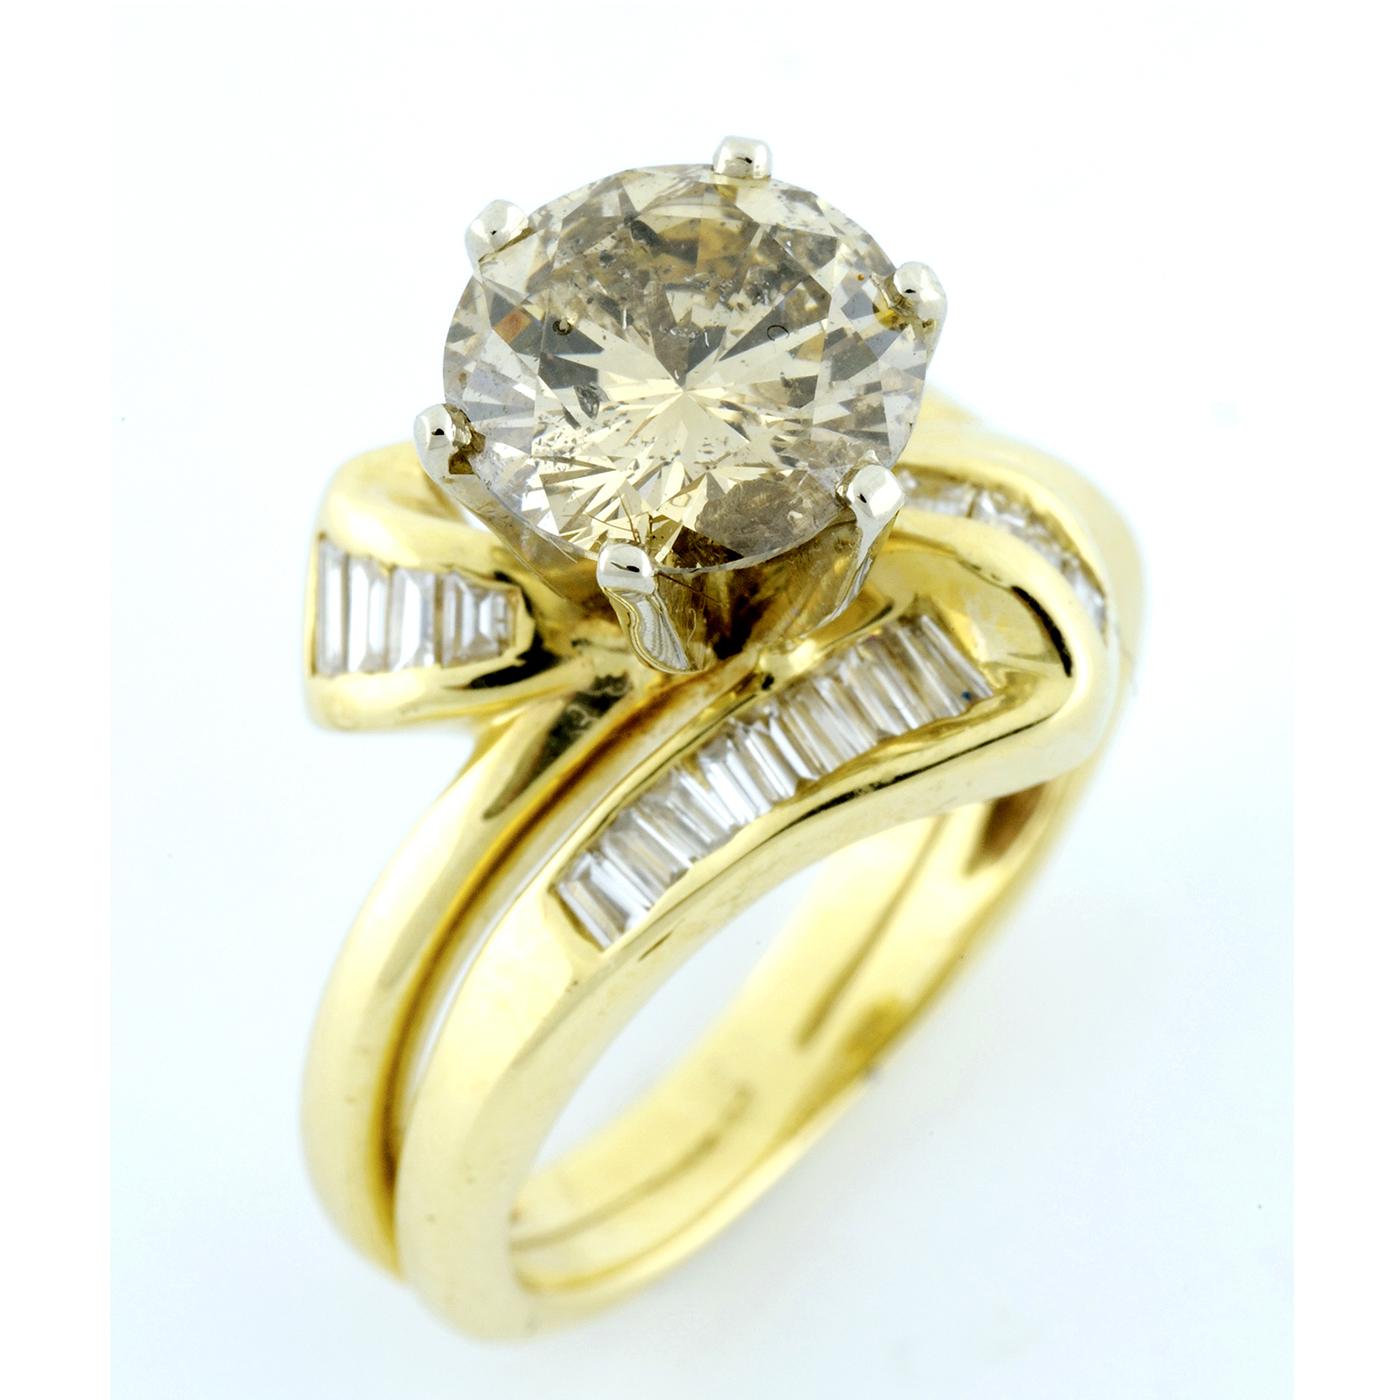 Sortija en Oro de 18k, con Diamante Central Talla Brillante de 2,62 ct. y 24 Diamantes talla Baguette de 1 ct.